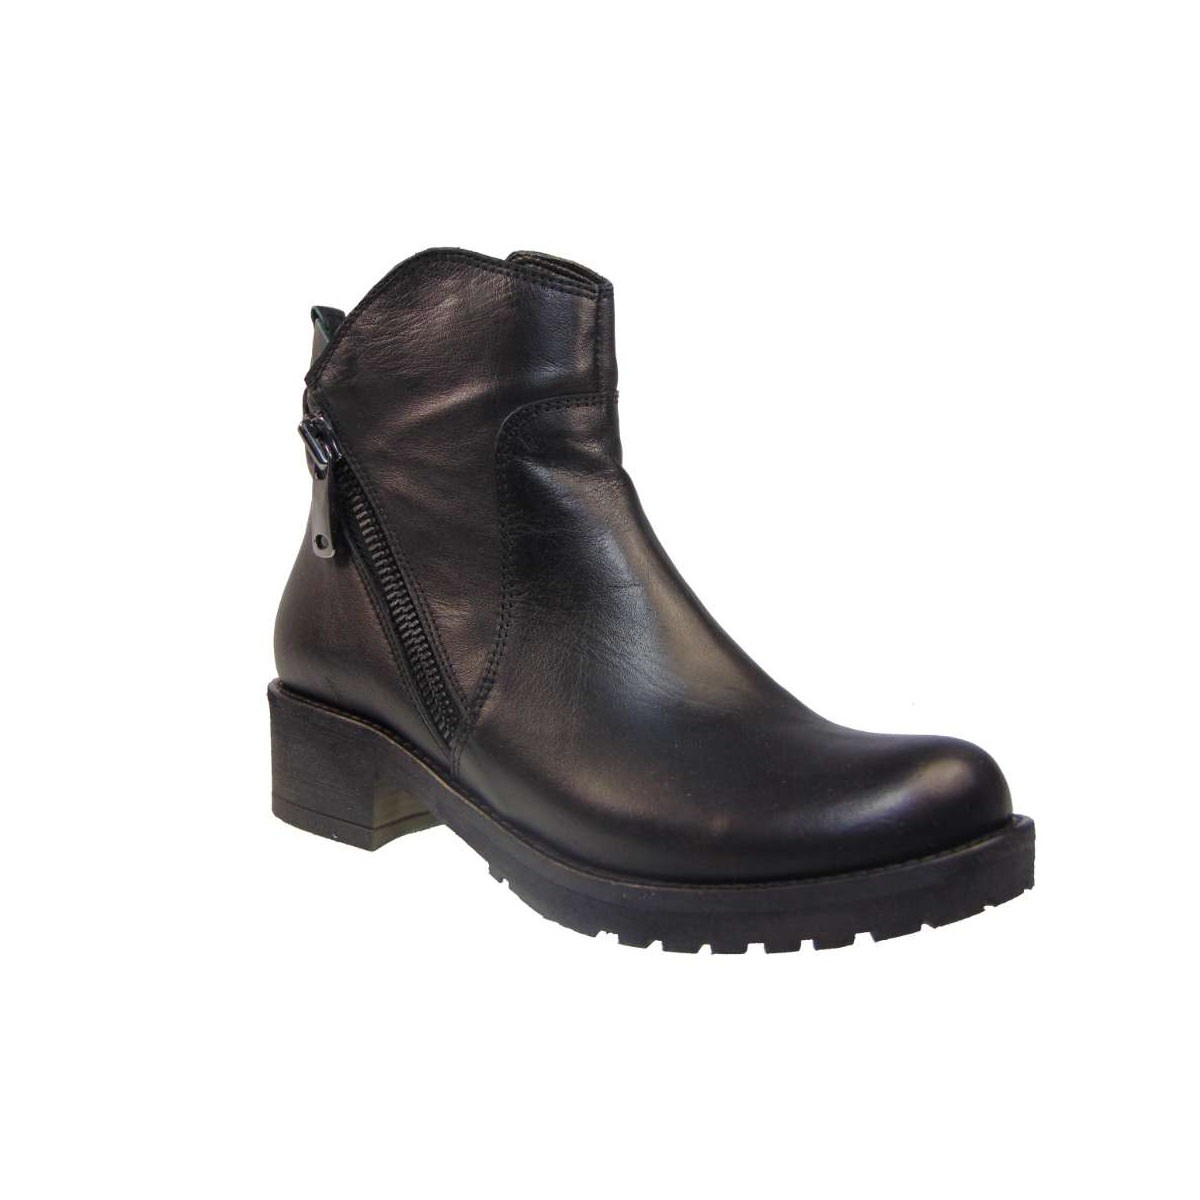 -54% Tsimpolis Tsimpolis Shoes 4041 Μποτάκι Απο Γνήσιο Δέρμα Μαύρο c169cb8ab0d